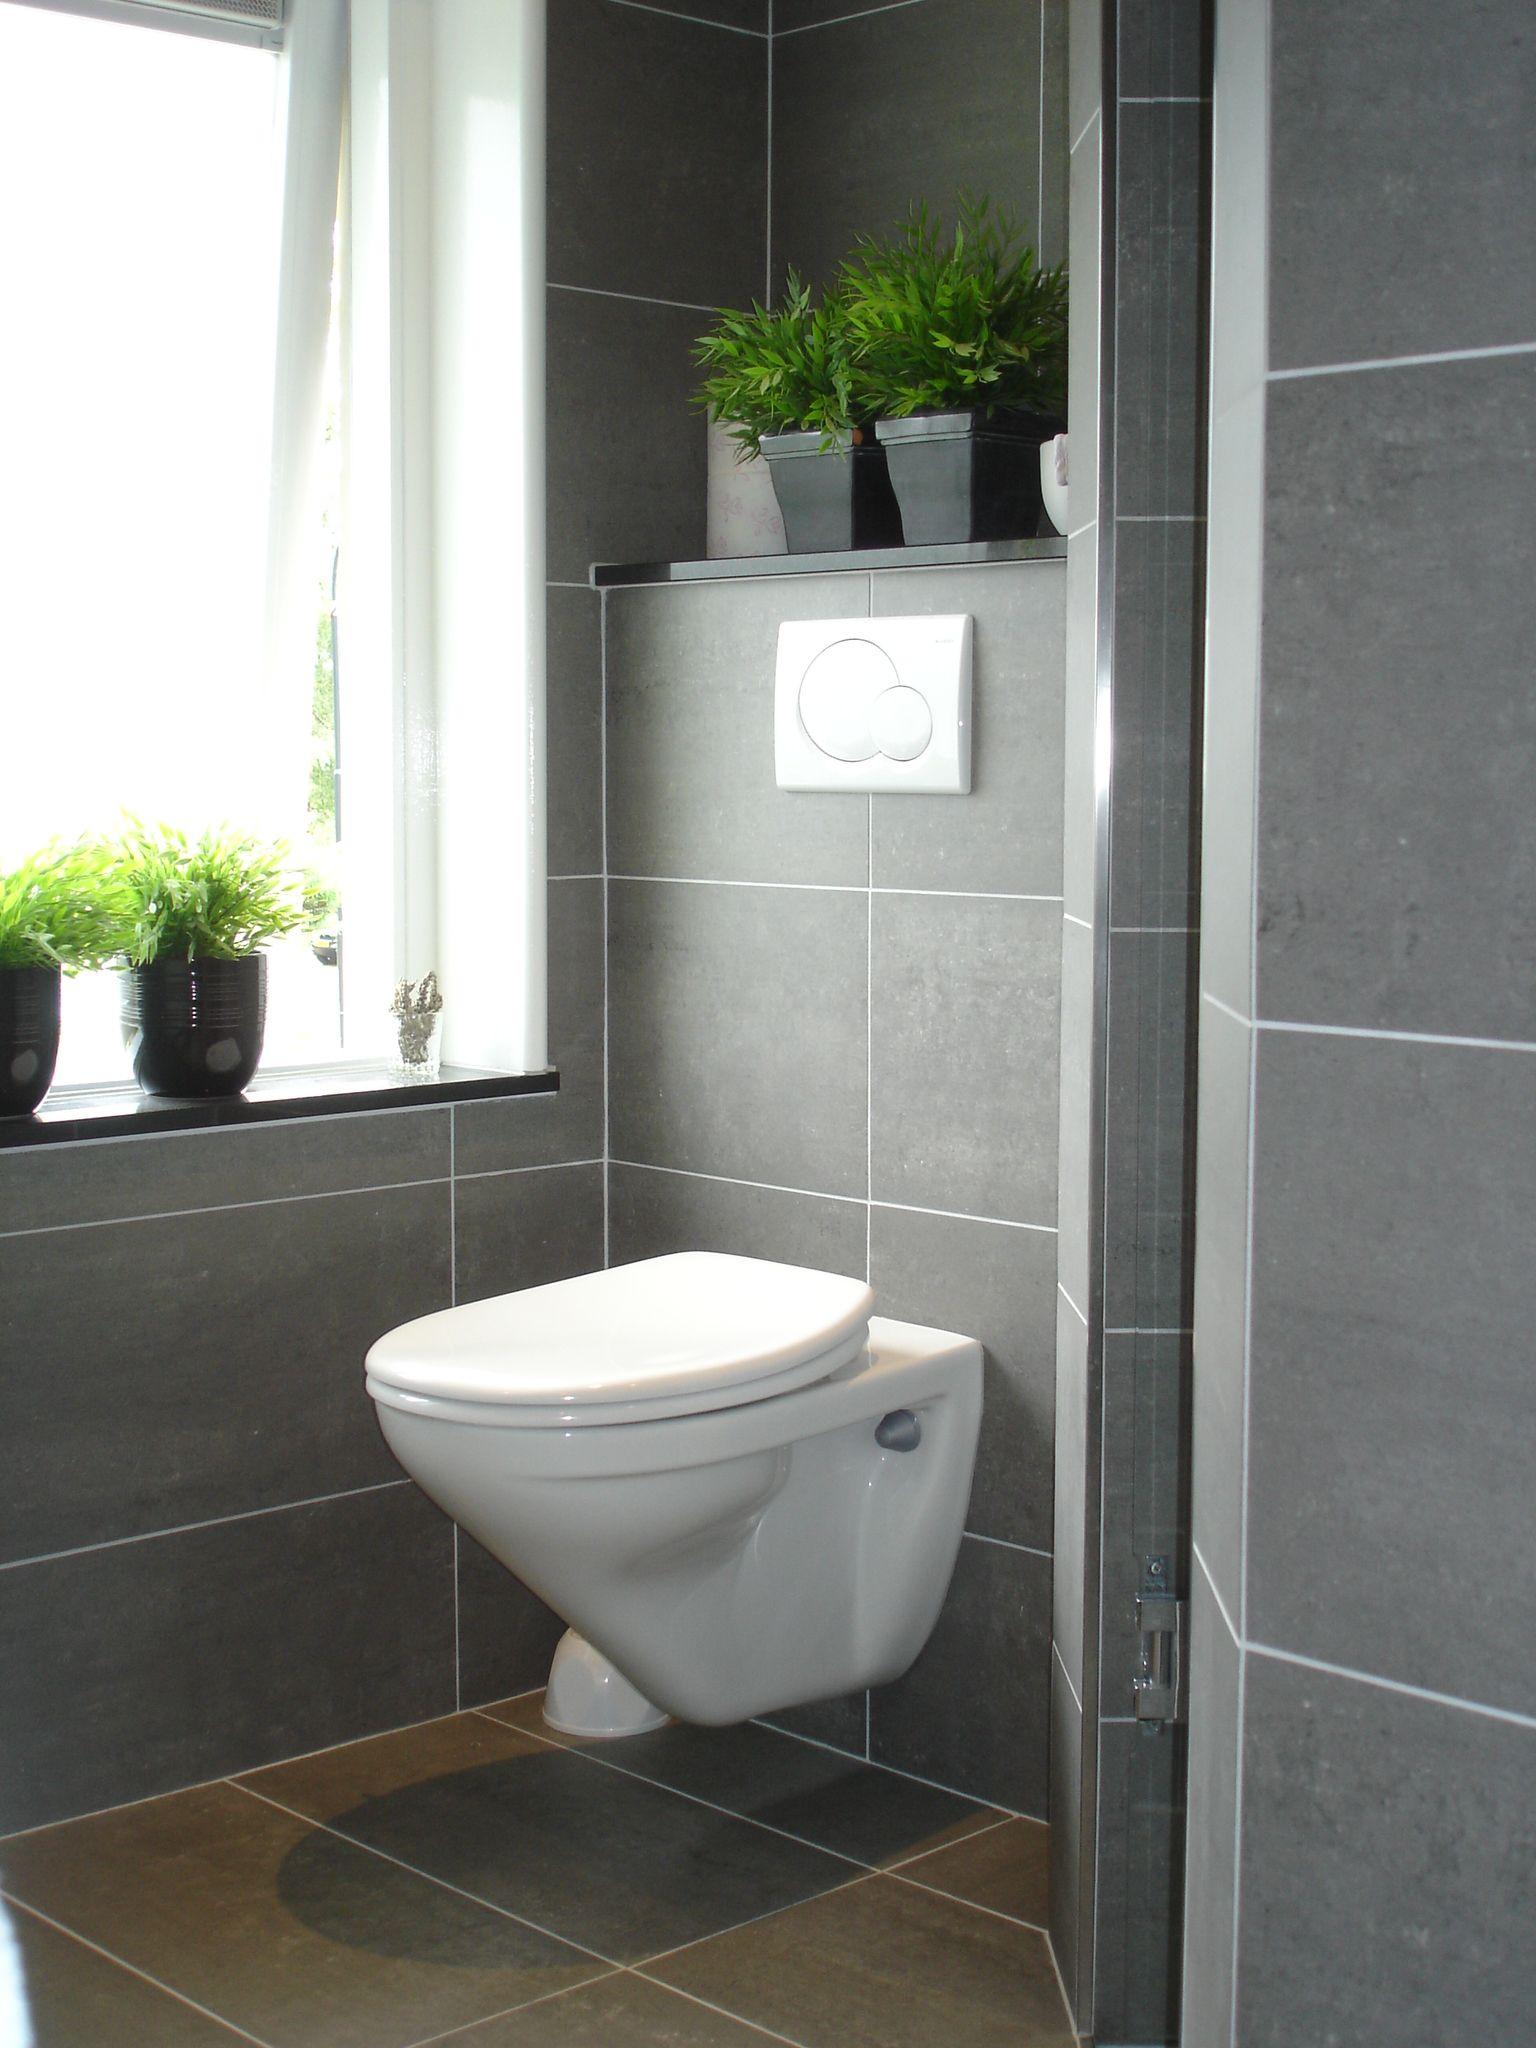 Stunning Badkamer Grijstinten Ideas - Modern Design Ideas ...